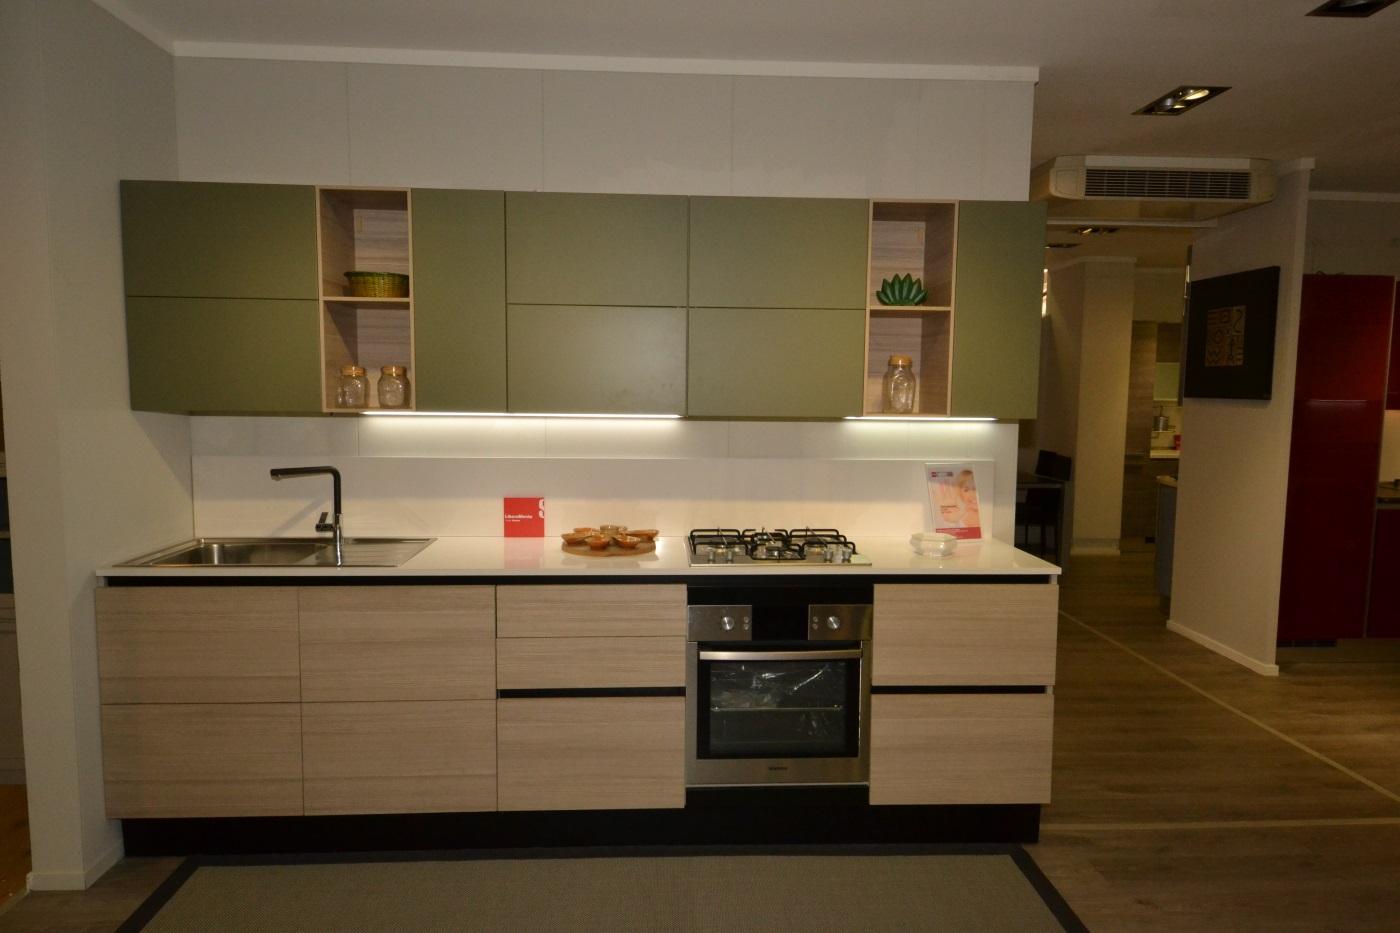 Offerta cucina scavolini modello liberamente decorativo e - Cucine 3 metri scavolini ...